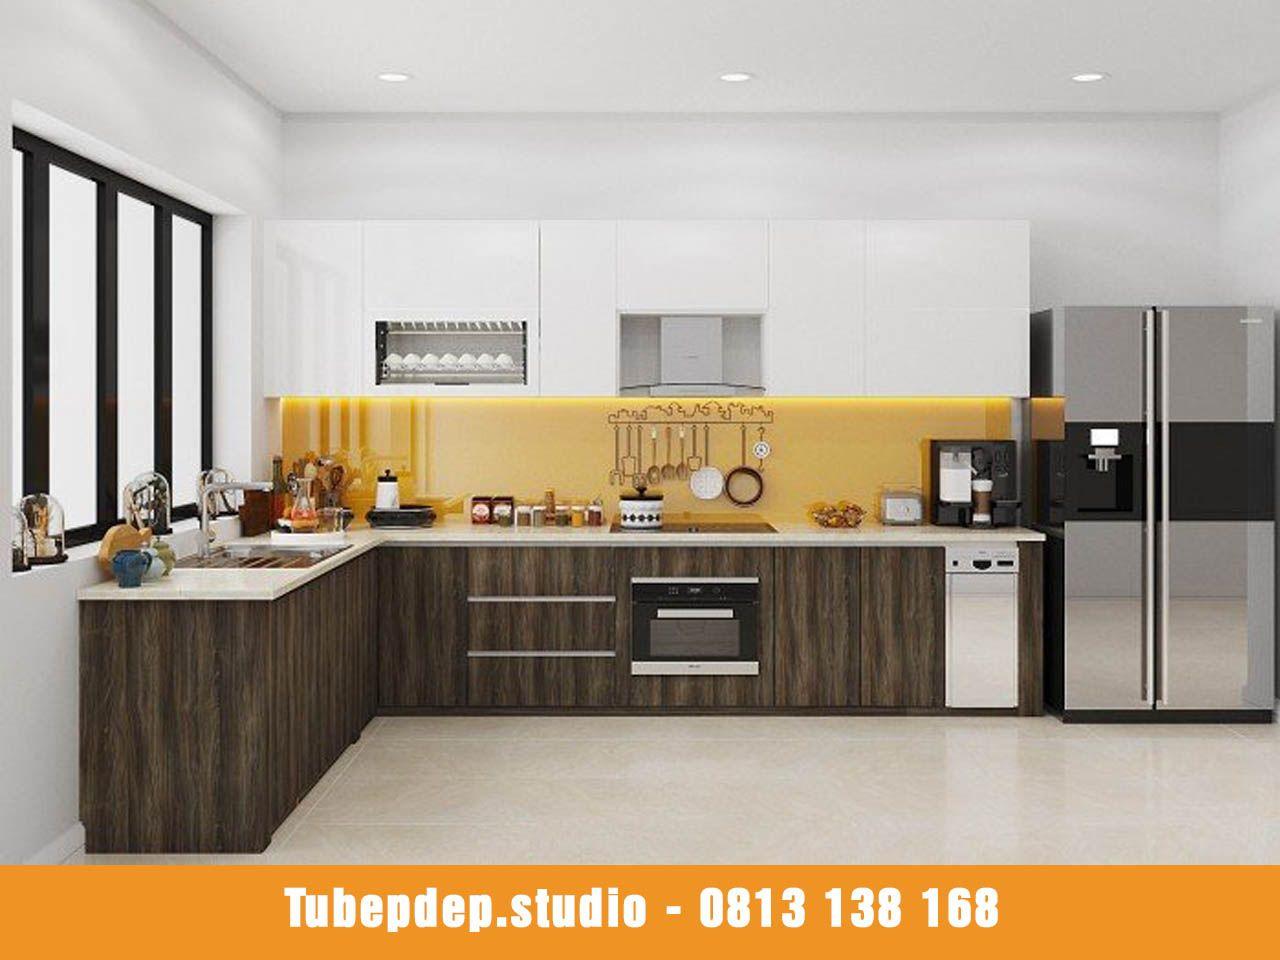 Top 50+ mẫu thiết kế tủ bếp đẹp và hiện đại cho mọi không gian bếp